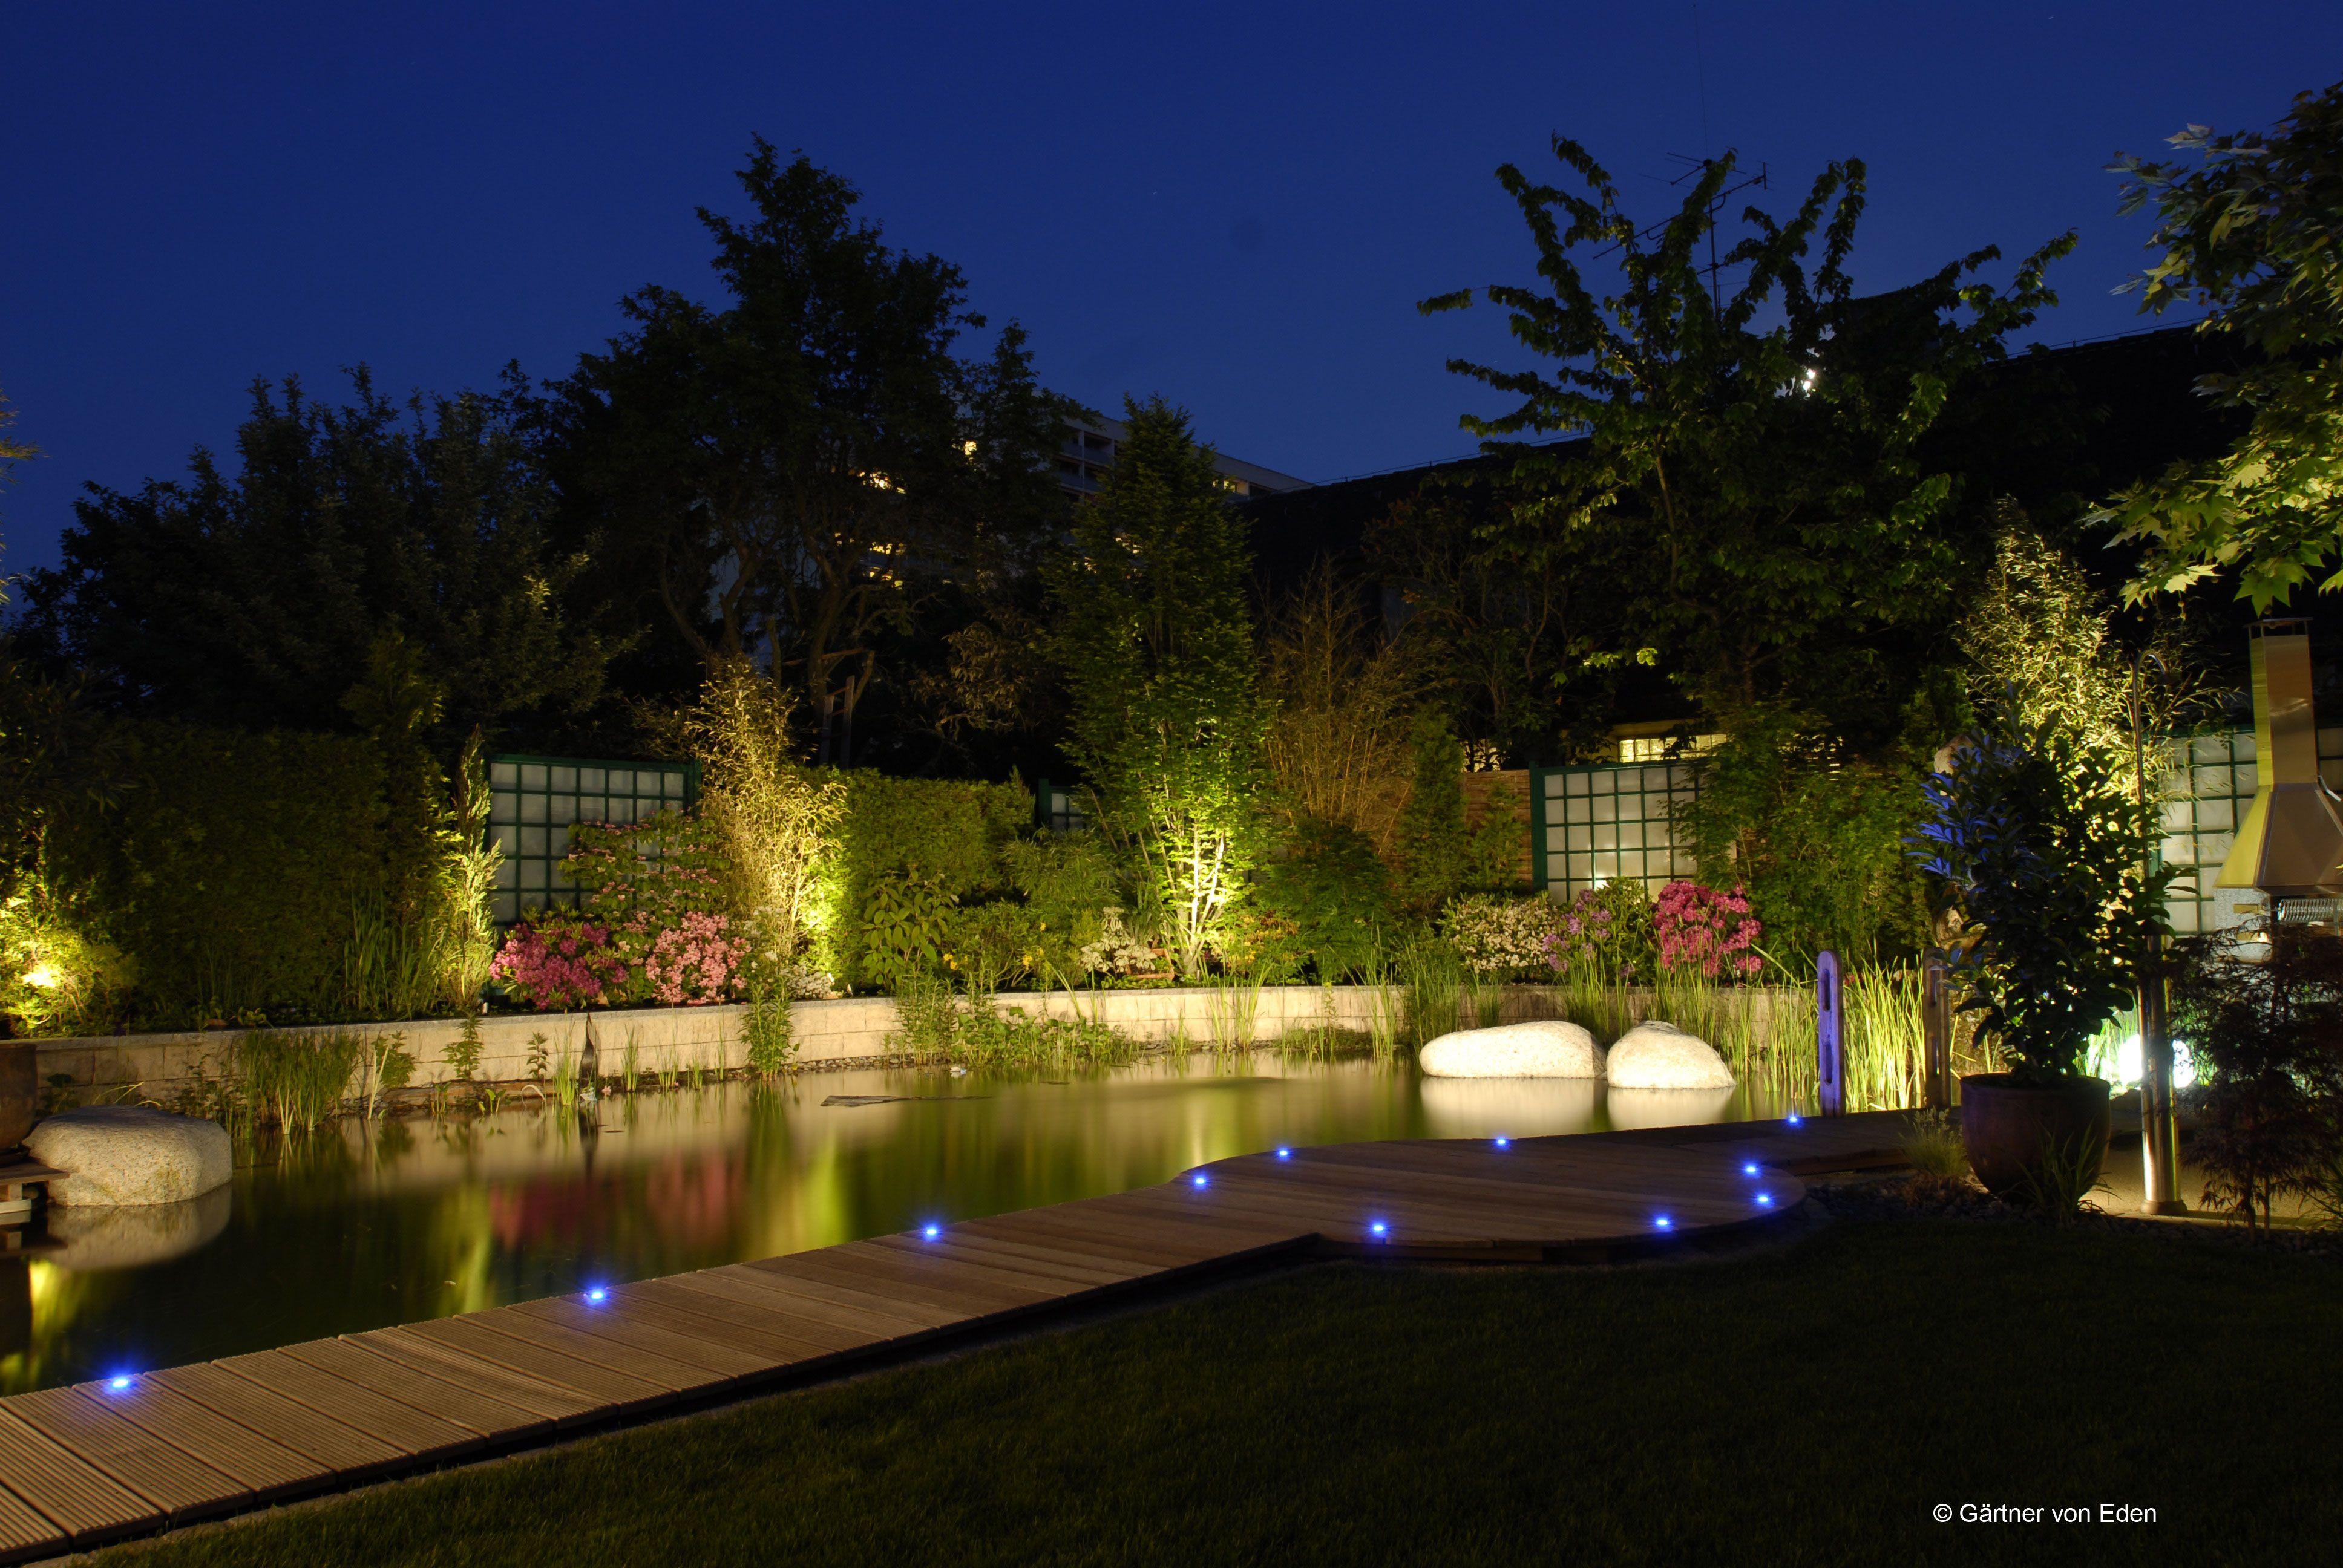 Beleuchtete Wege Machen Den Nachtlichen Gang Durch Den Garten Zum Erlebnis Der Besonderen Art Beleuchtung Garten Aussenbeleuchtung Licht Im Garten